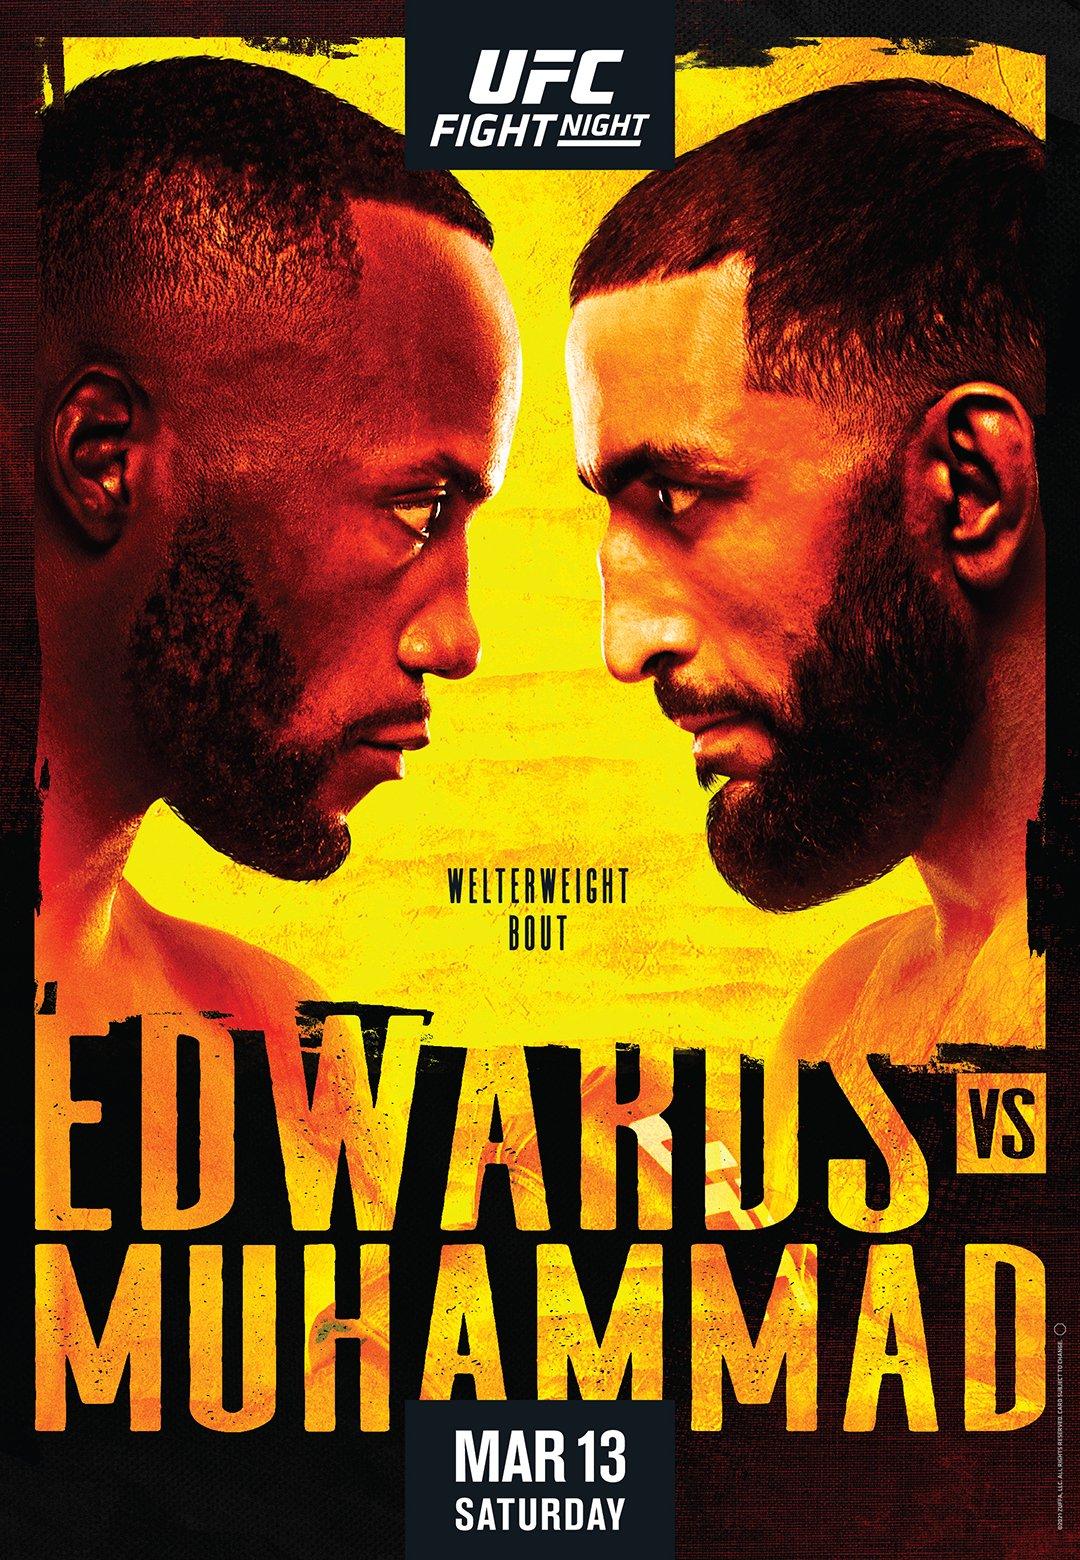 Edwards vs Muhammad